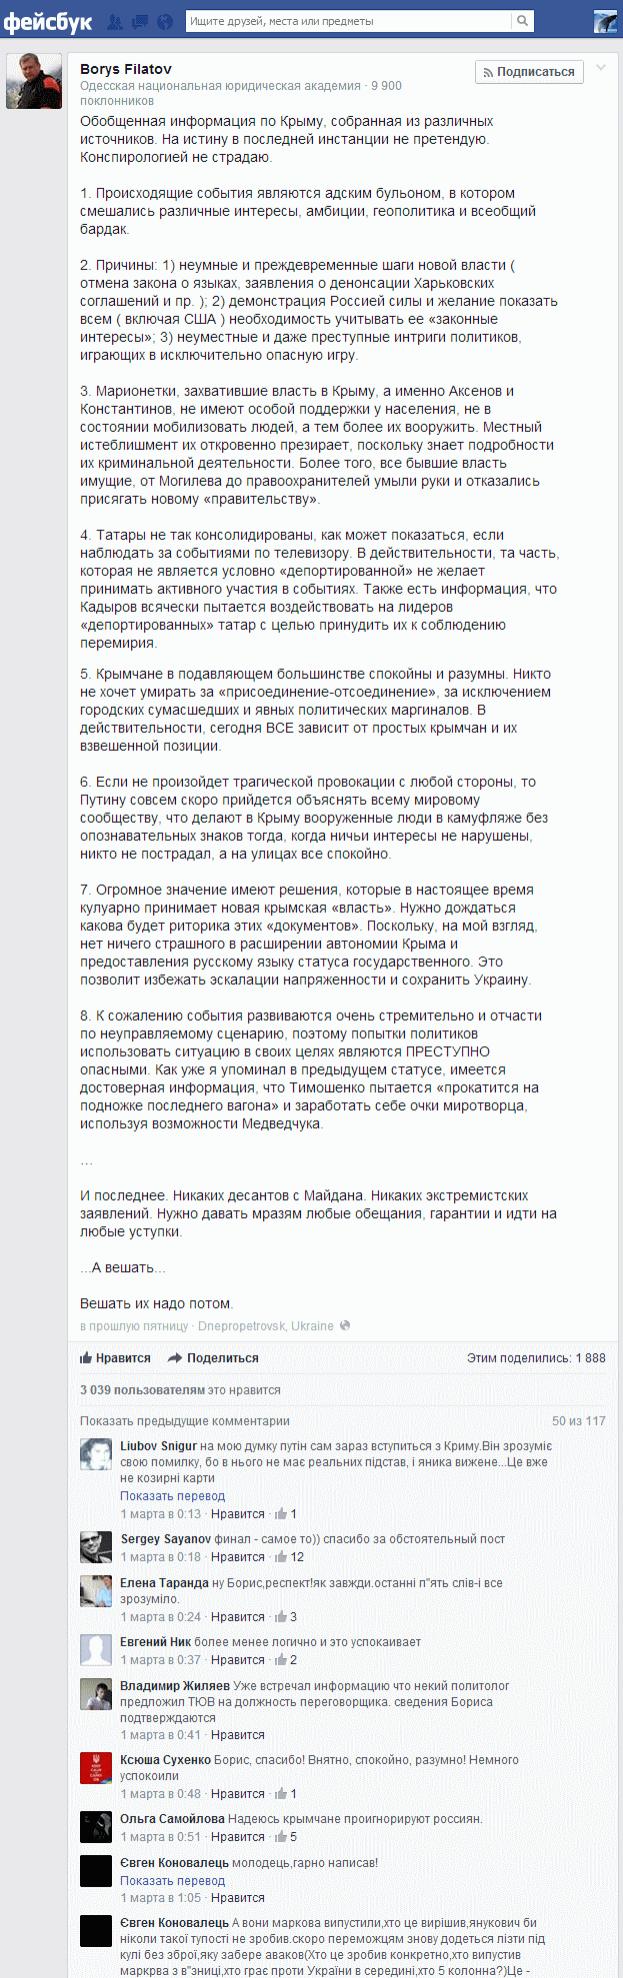 Борис Альбертович Филатов-Вешать их надо потом